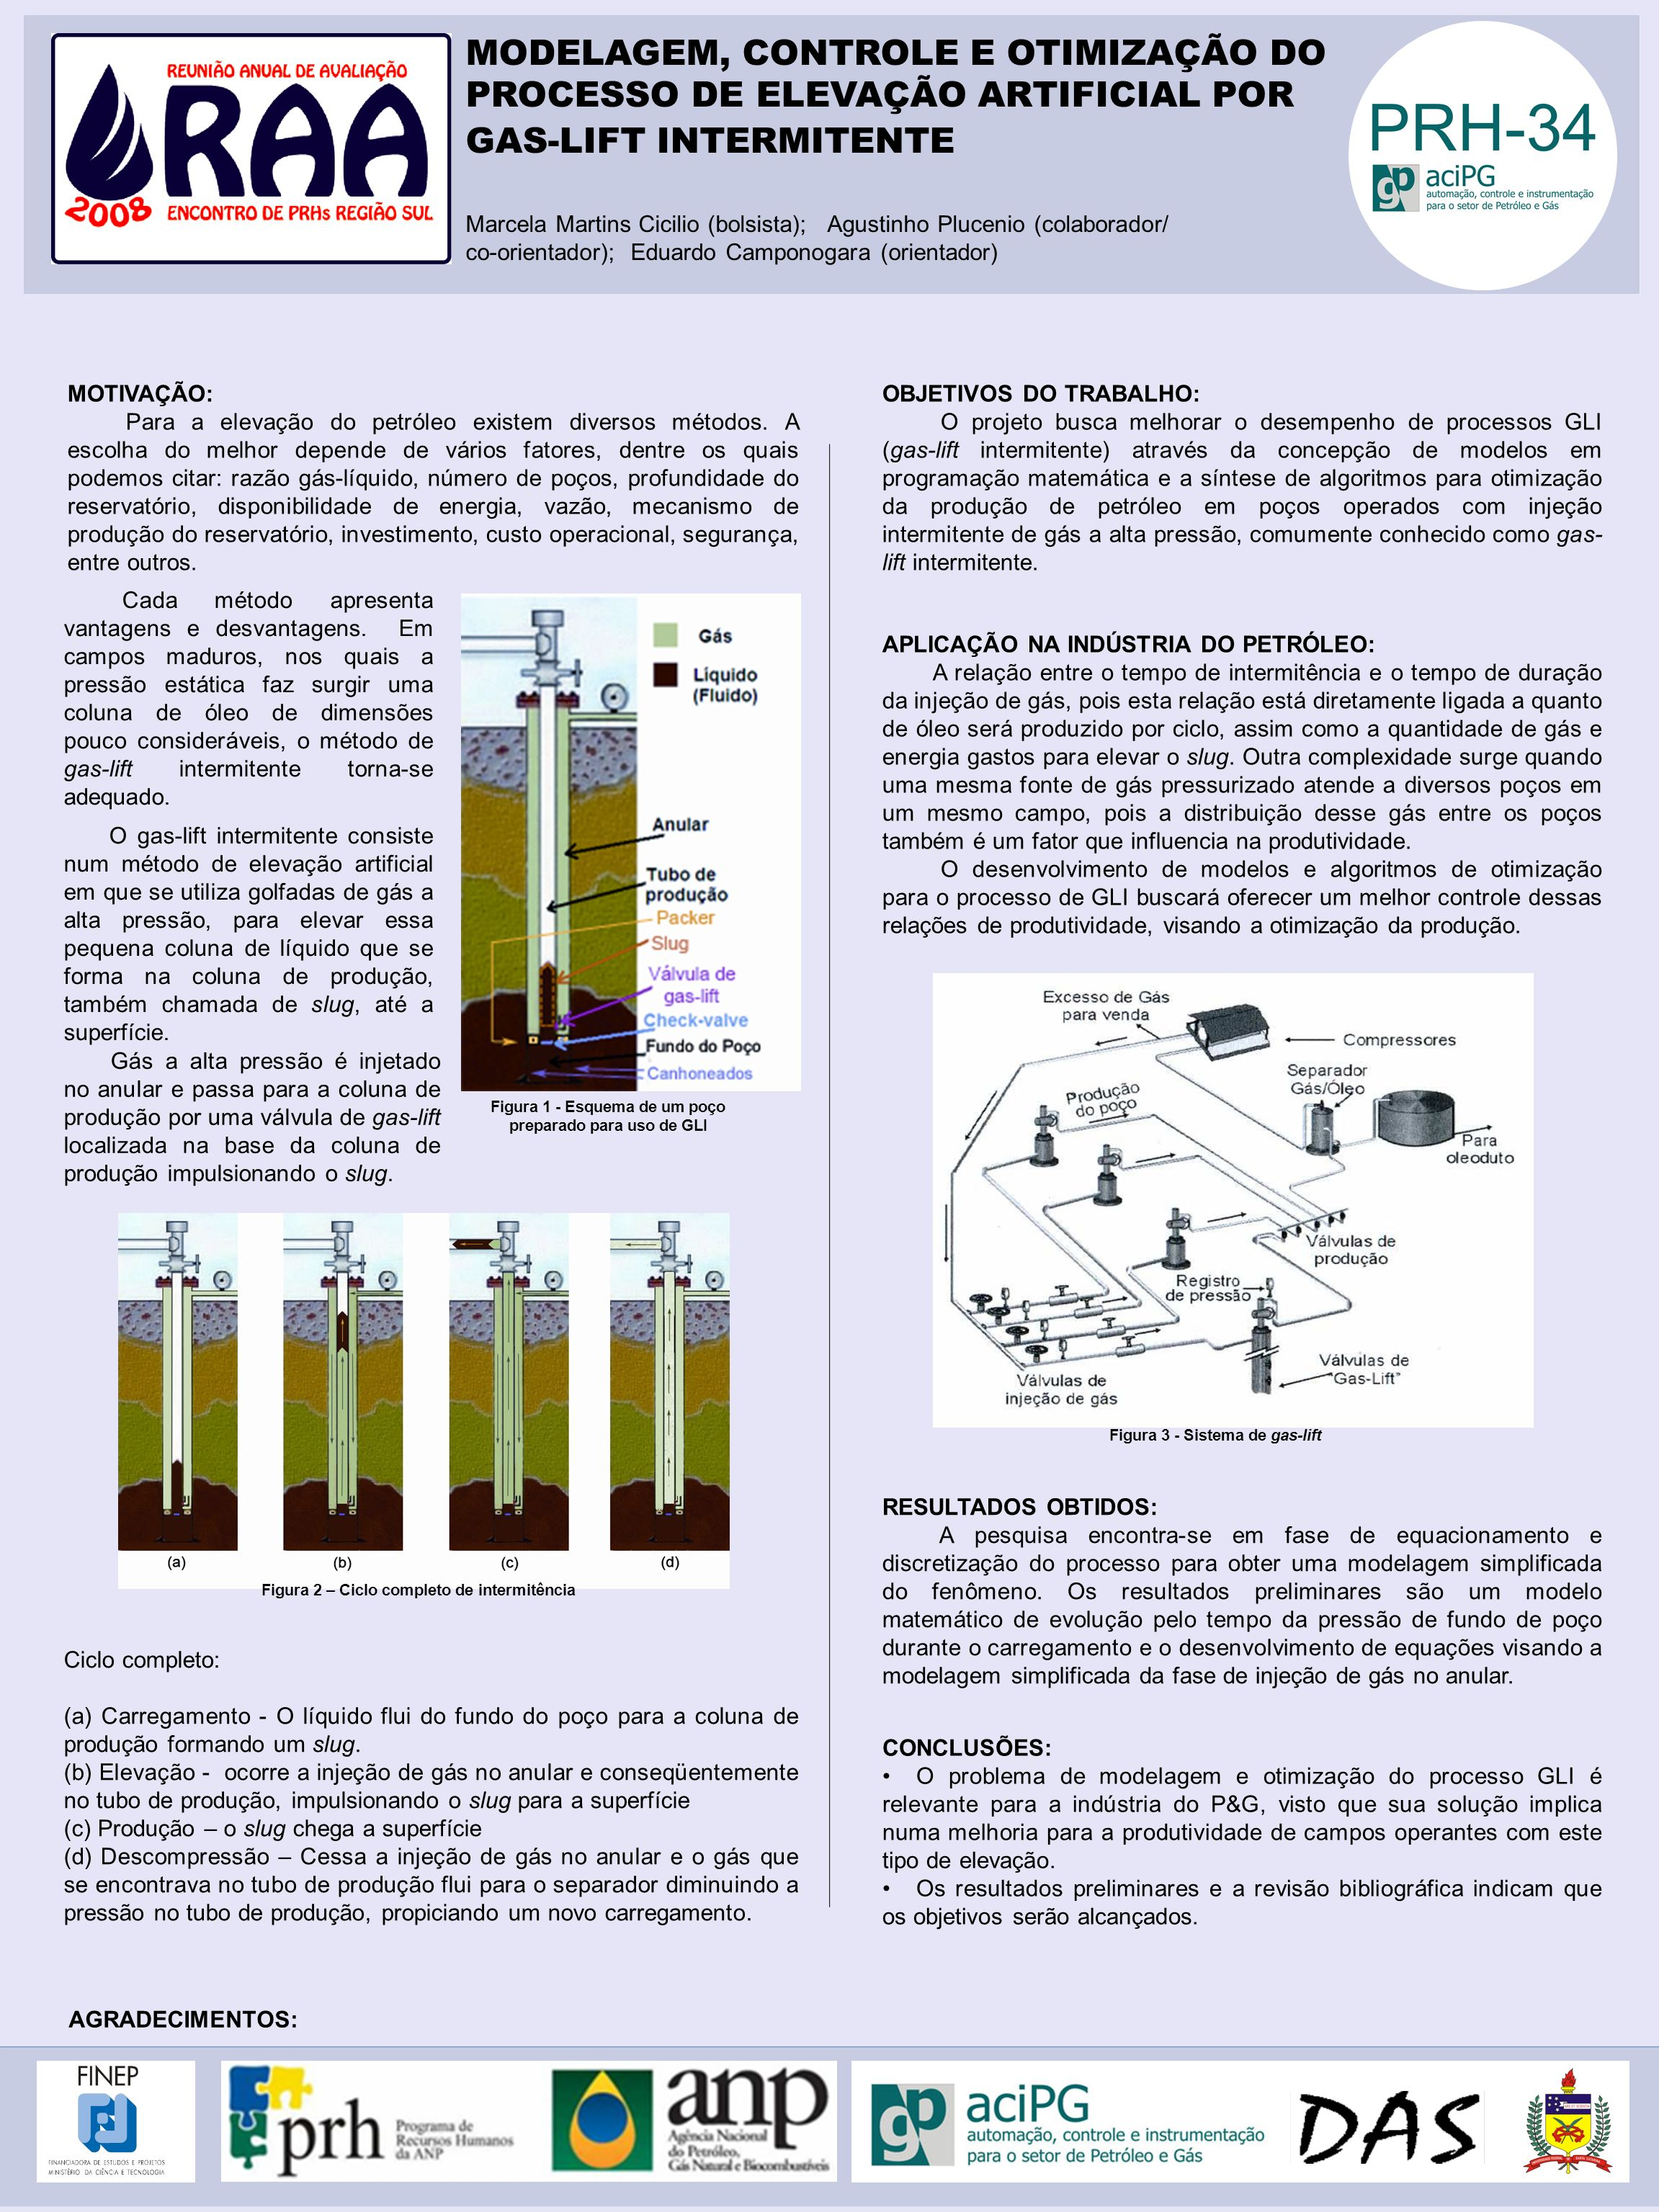 MODELAGEM, CONTROLE E OTIMIZAÇÃO DO PROCESSO DE ELEVAÇÃO ARTIFICIAL POR GAS-LIFT INTERMITENTE